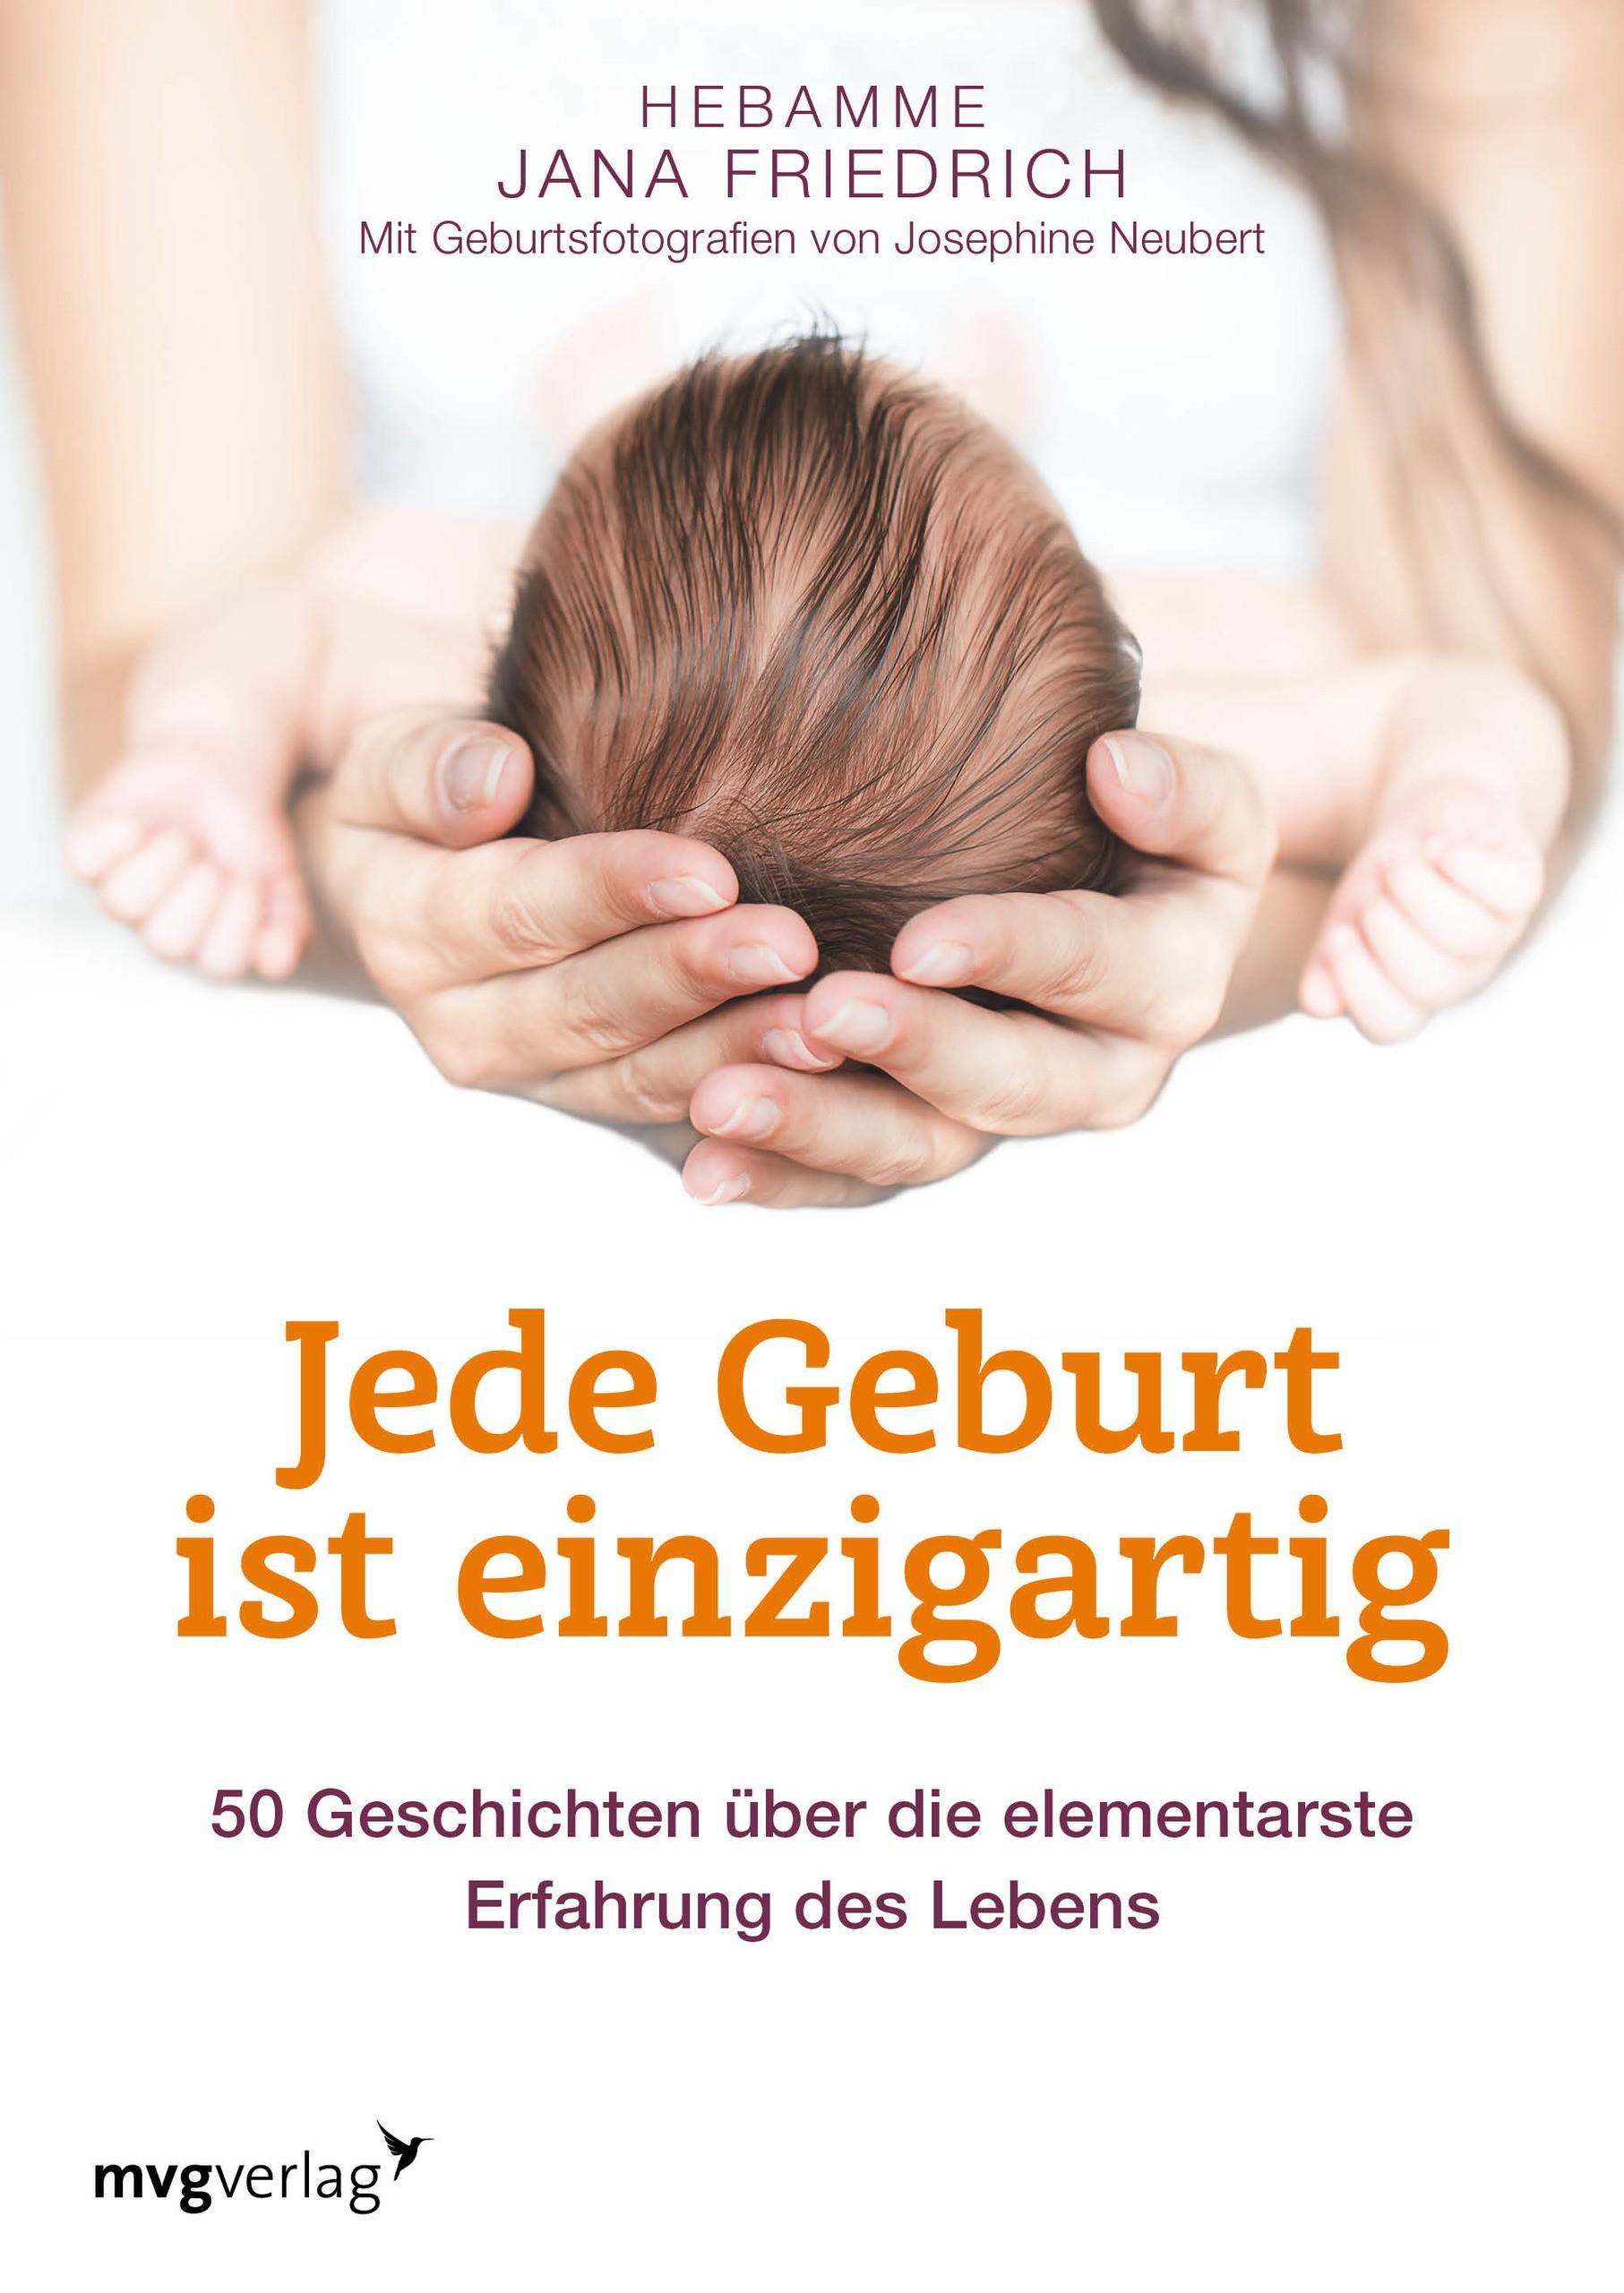 Sichere Geburt Marjorie Tew Fachbücher & Lernen Medizin